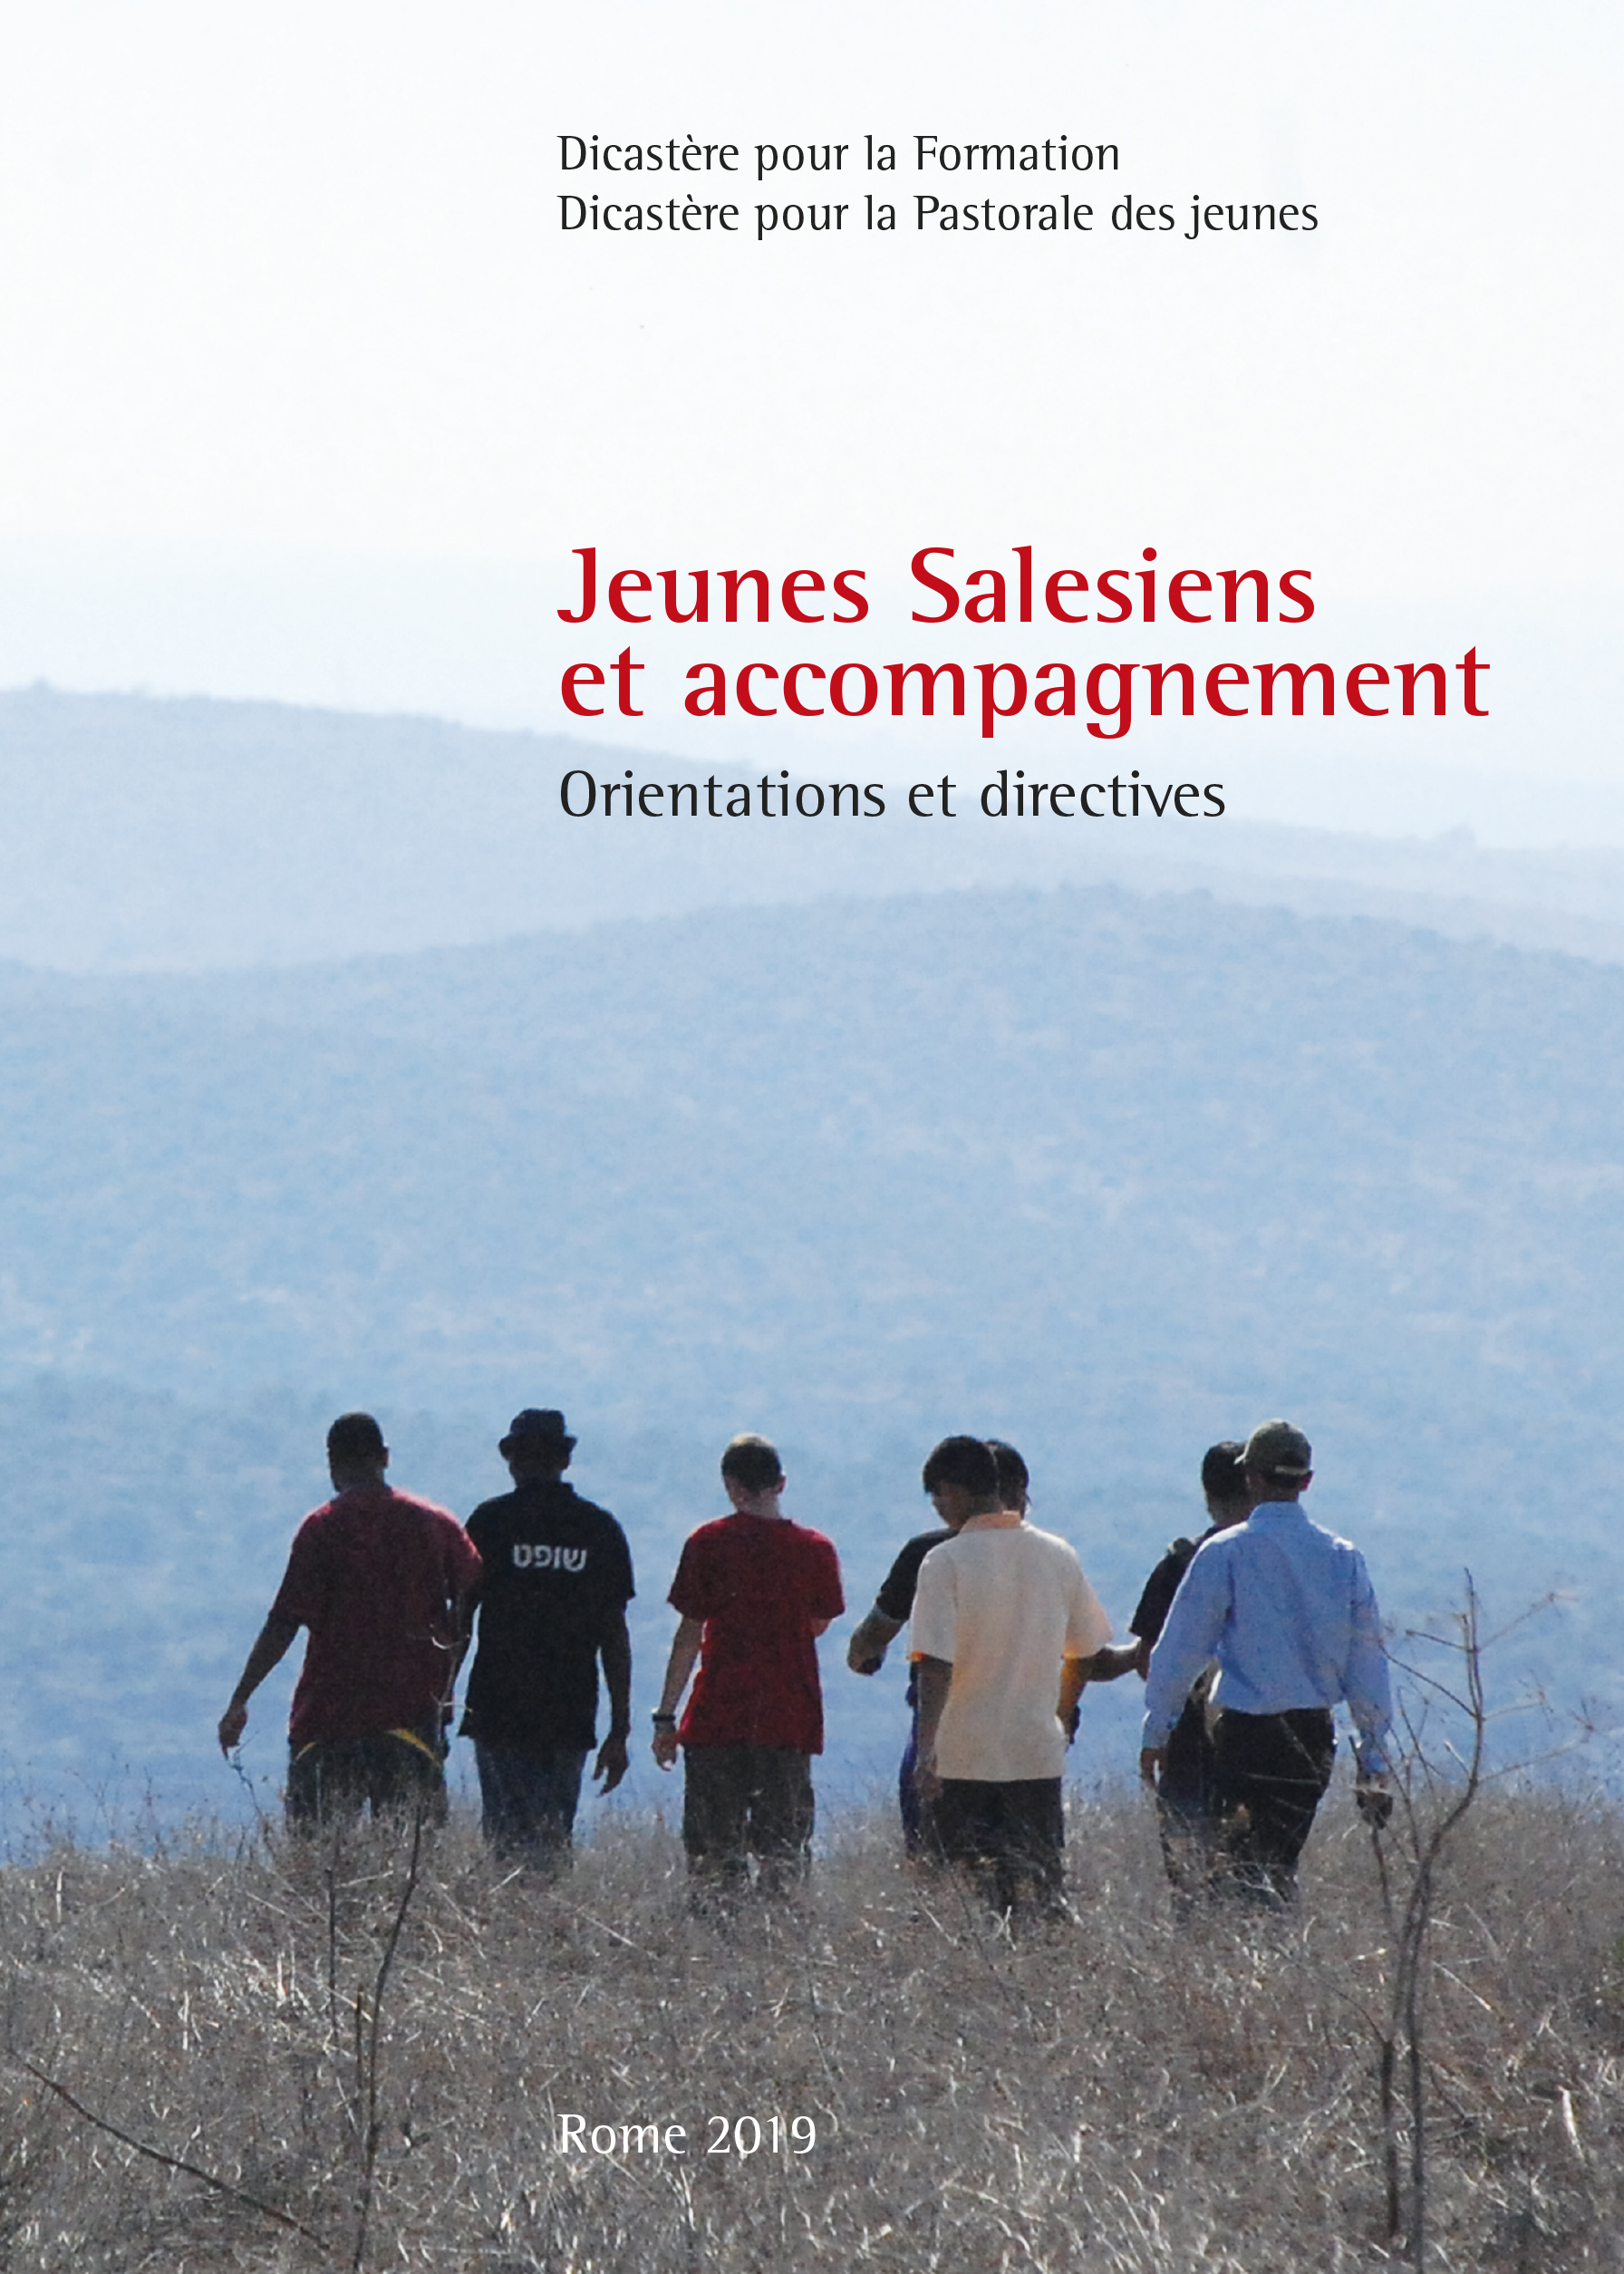 Jeunes Salesiens et accompagnement   «Orienations et directives»